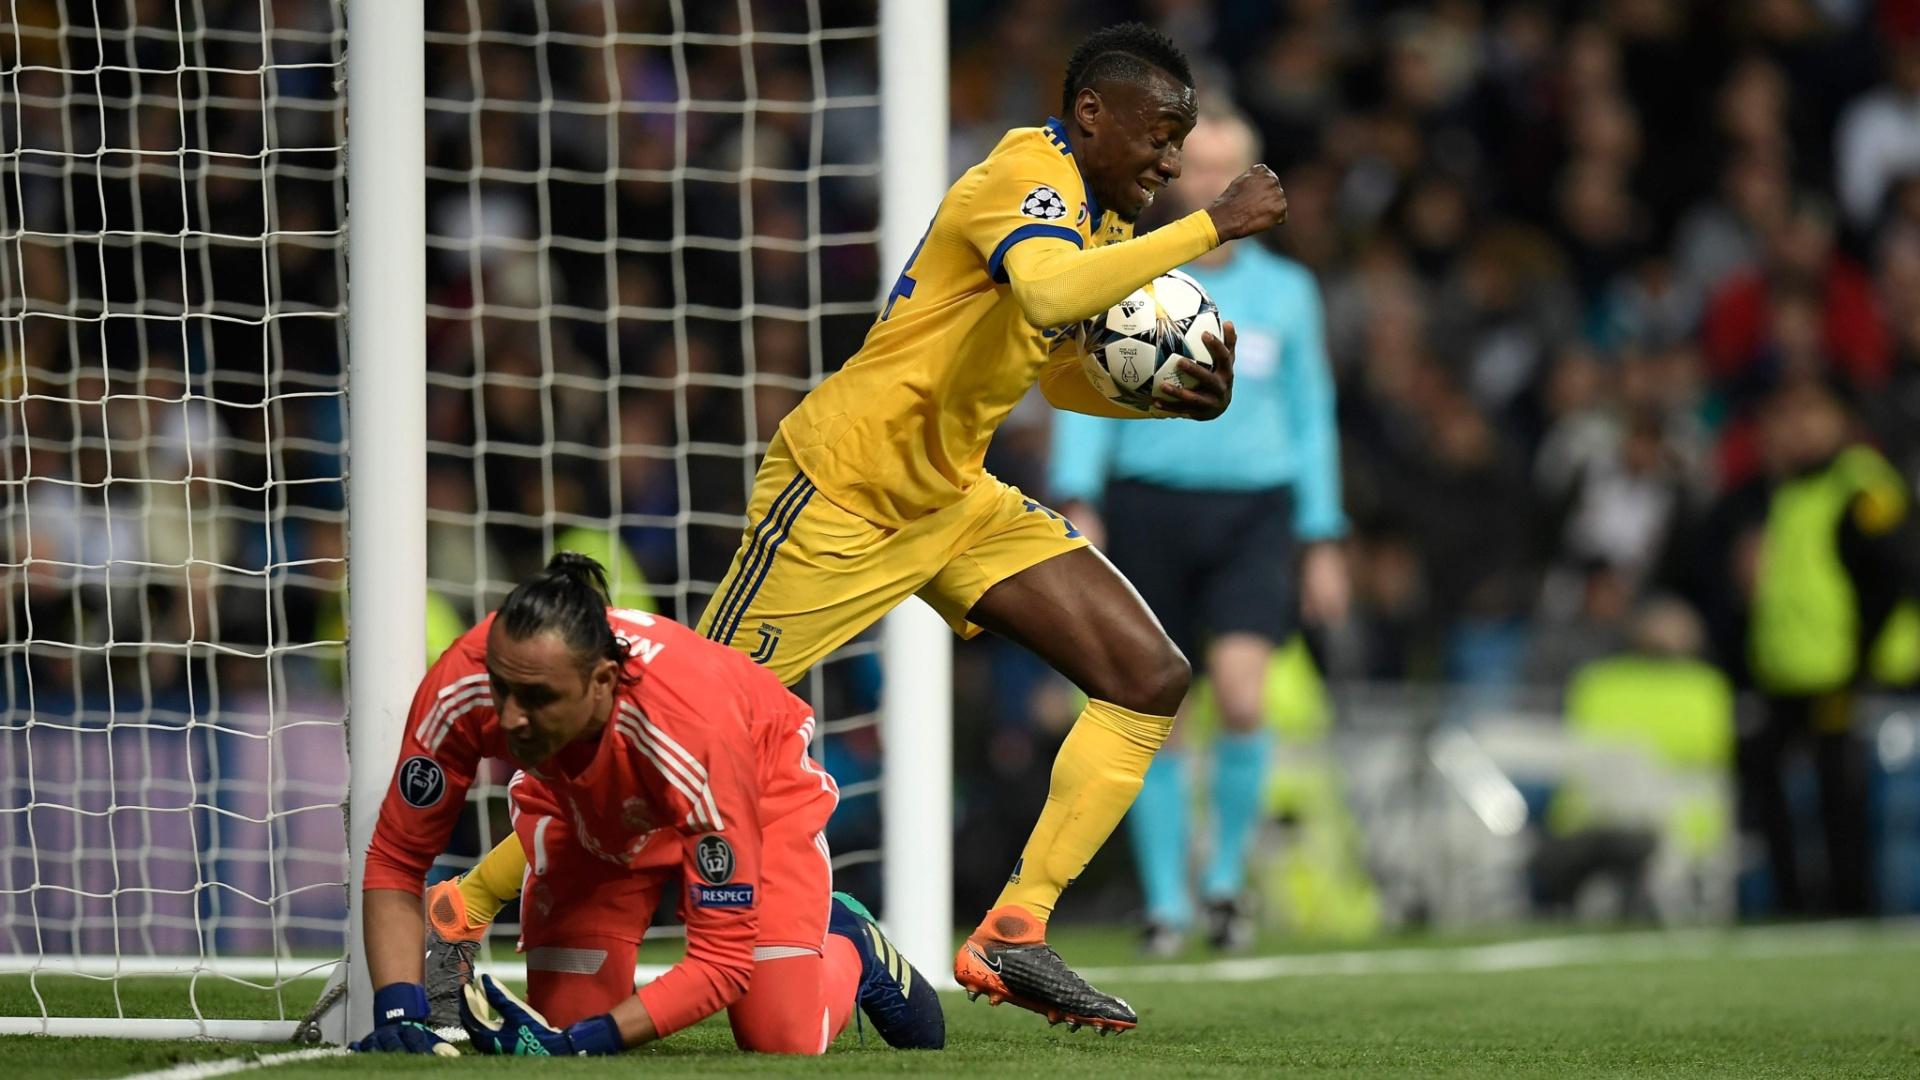 Matuidi aproveitou a falha de Keylor Navas e marcou o terceiro da Juventus